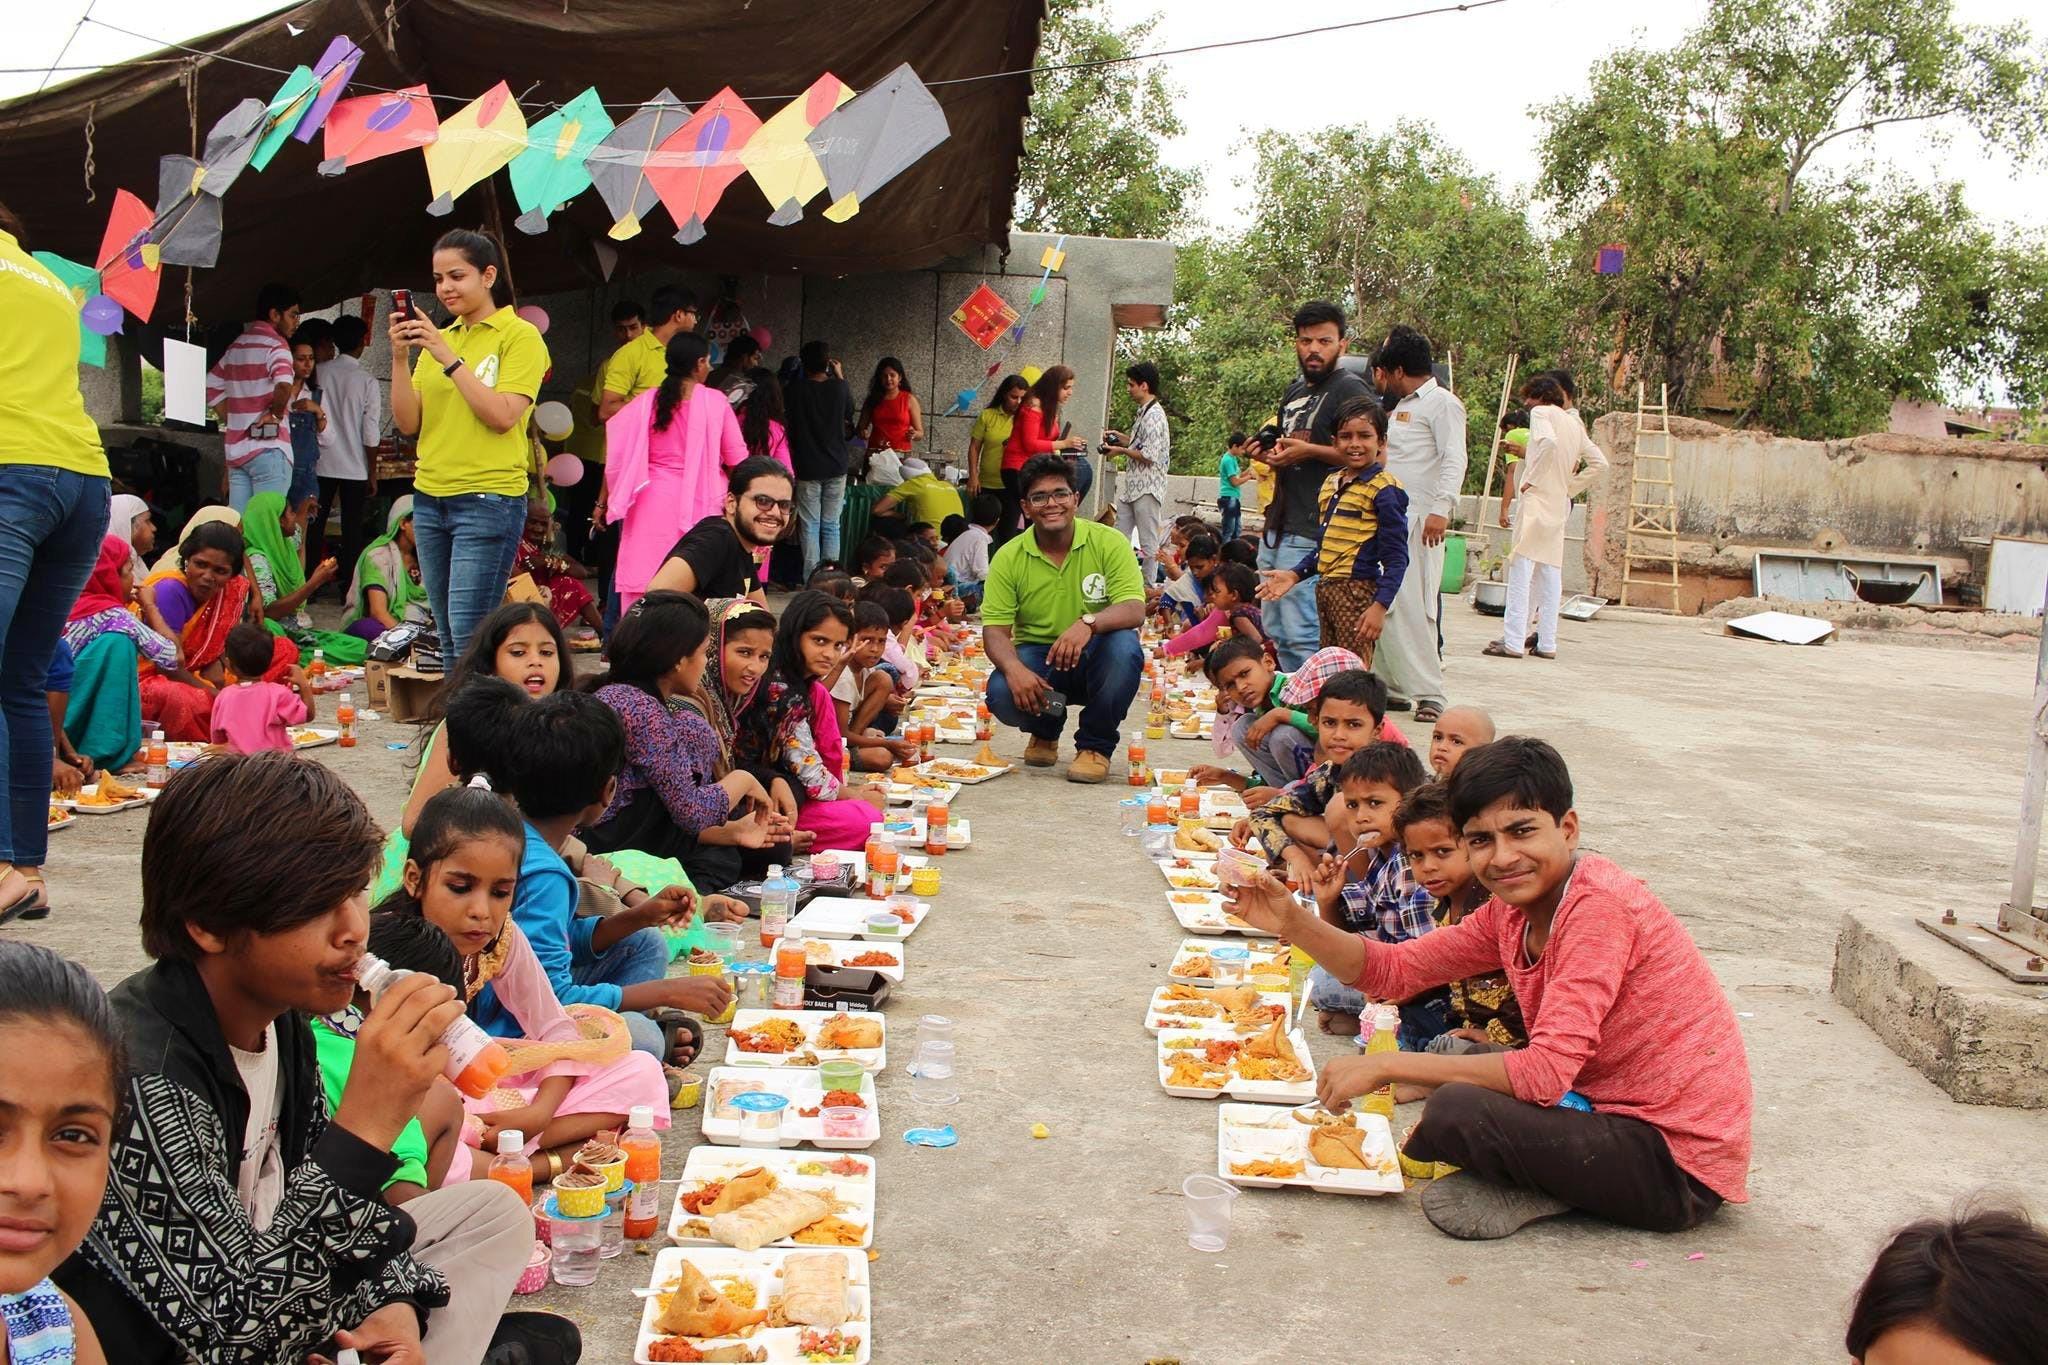 वर्ल्ड हंगर डे : मुंबईतील या ५ संस्थांना करा अन्नदान आणि व्हा चांगल्या कामाचे भागीदार